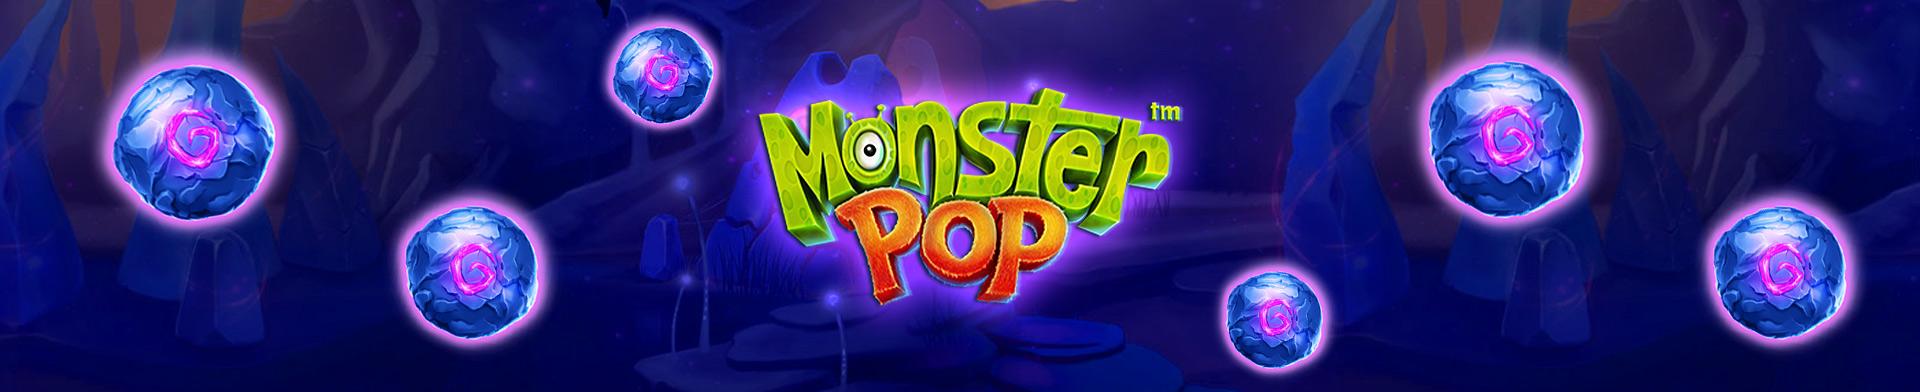 Monster pop banner